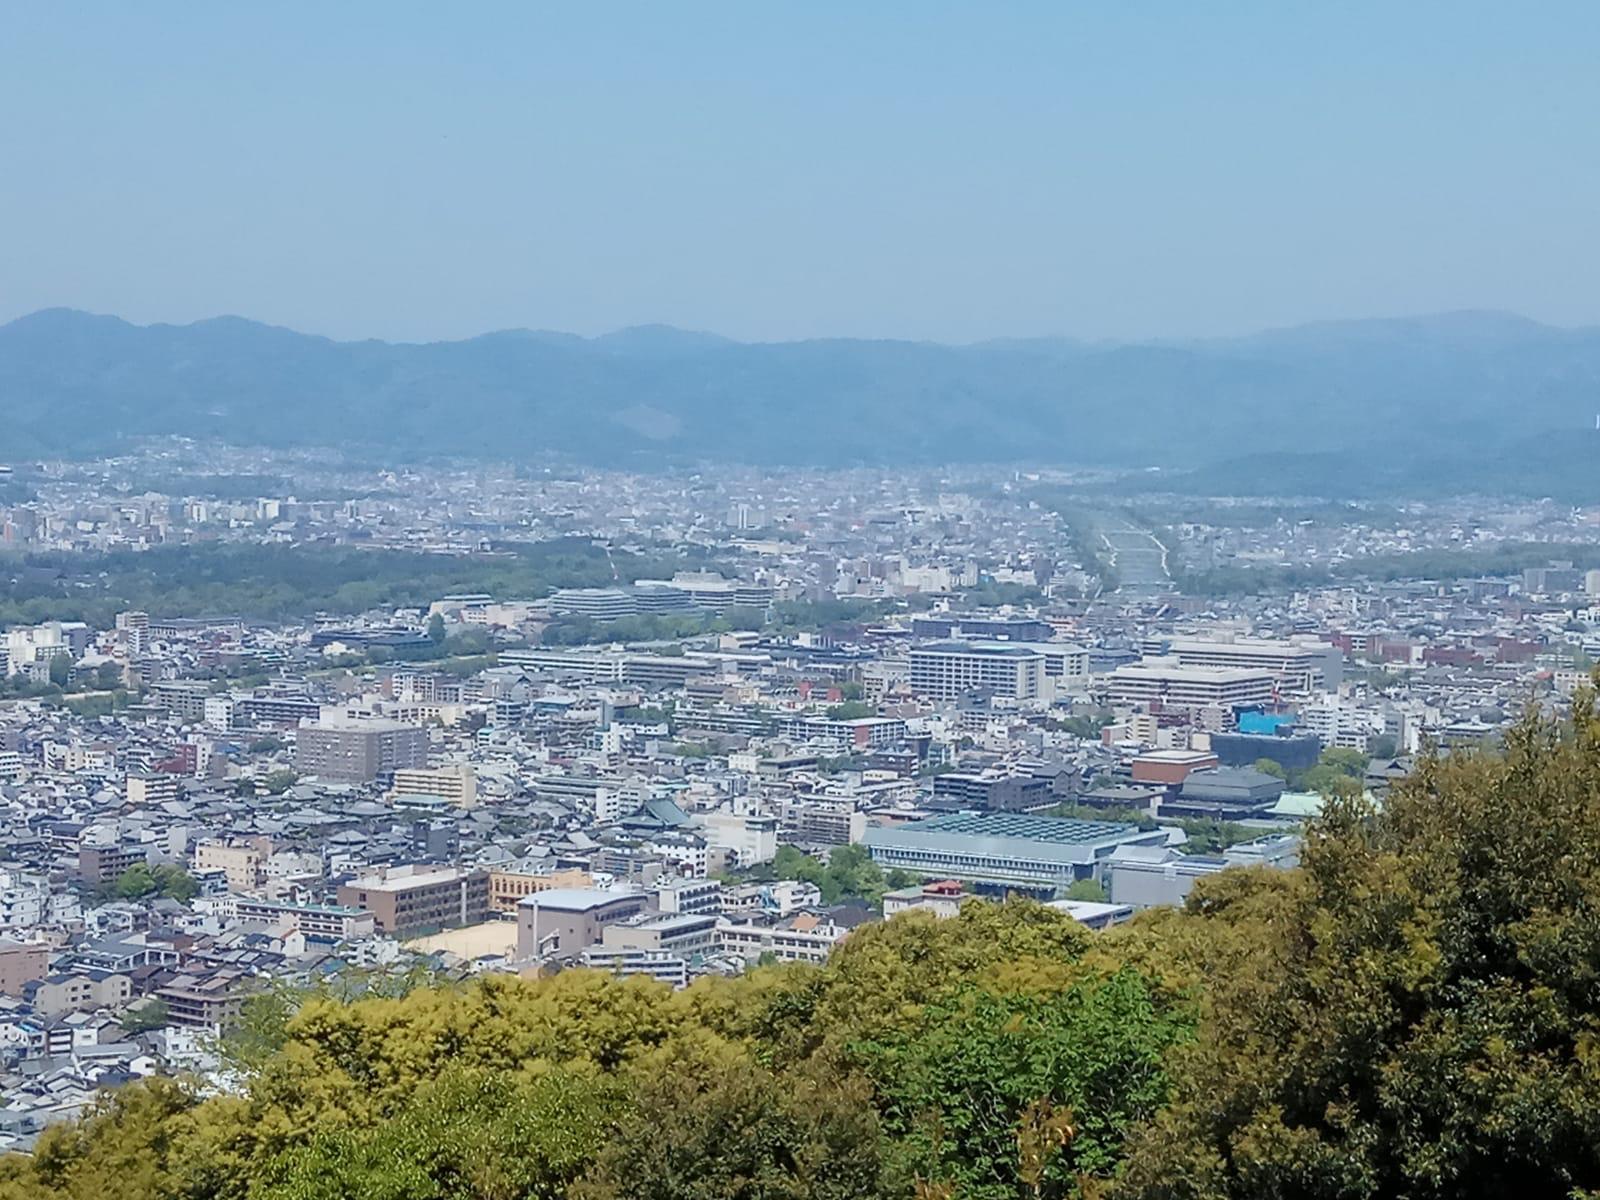 התצפית היפה מהר Shogunzuka (צילום: סבינה חושן)